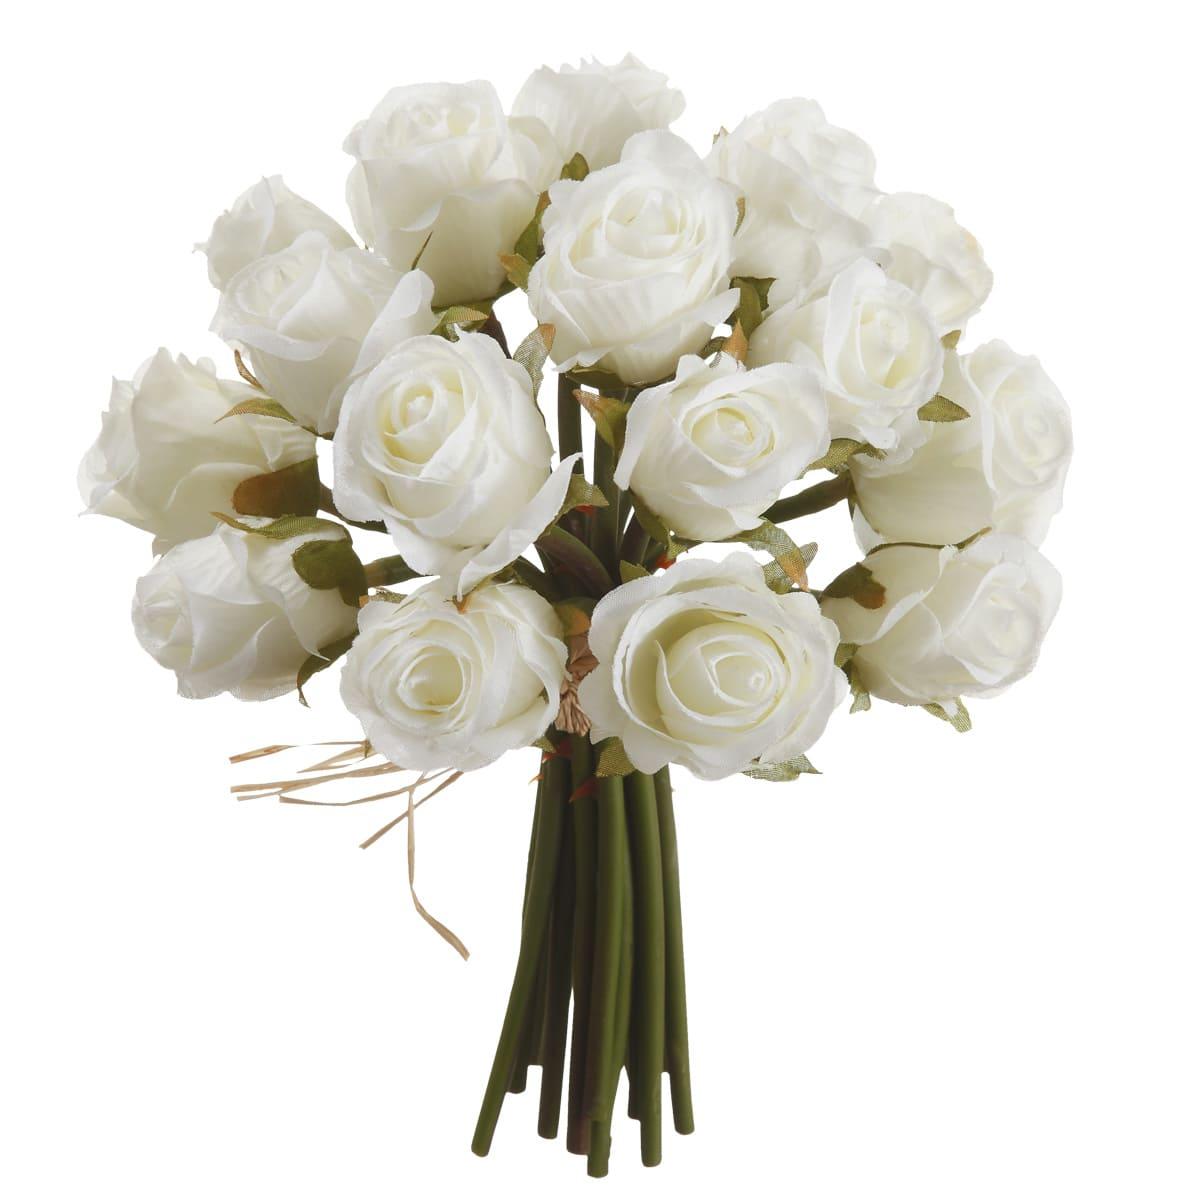 Floral arrangements images Centerpiece Img Angeluck Floral Arrangements Michaels